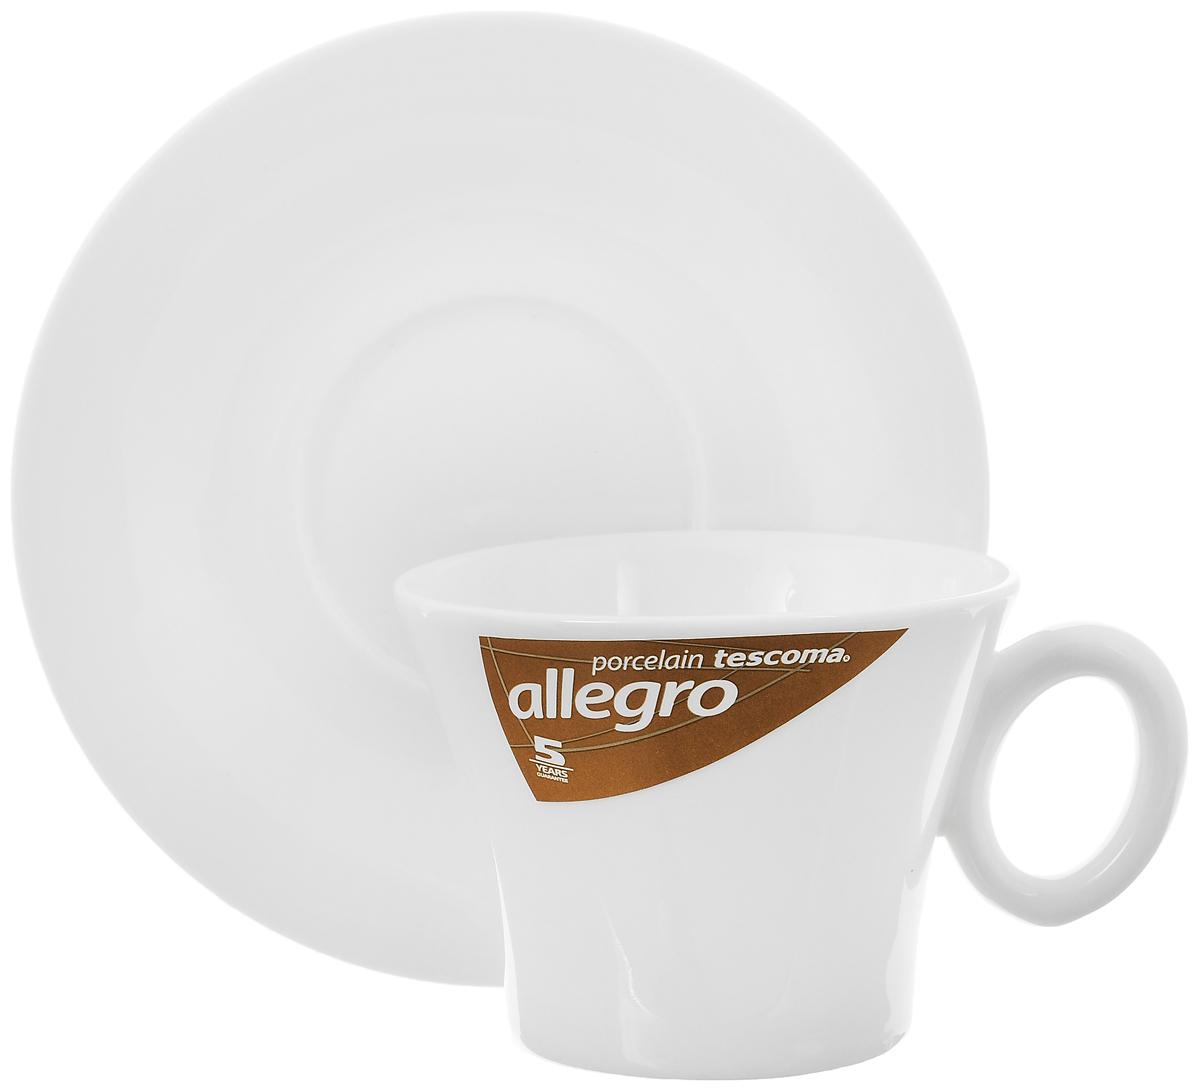 Кофейная пара Tescoma Allegro, цвет: белый, 2 предмета391602Кофейная пара Tescoma Allegro состоит из чашки и блюдца, изготовленных извысококачественного фарфора. Элегантный дизайн,несомненно, придется вам по вкусу.Кофейная пара Tescoma Allegro украсит ваш кухонный стол, а также станет замечательнымподарком к любому празднику.Можно использовать в микроволновой печи, холодильнике и посудомоечной машине. Объем чашки: 200 мл.Диаметр чашки (по верхнему краю): 9 см.Диаметр основания чашки: 5,5 см.Высота чашки: 7 см.Диаметр блюдца: 15 см.